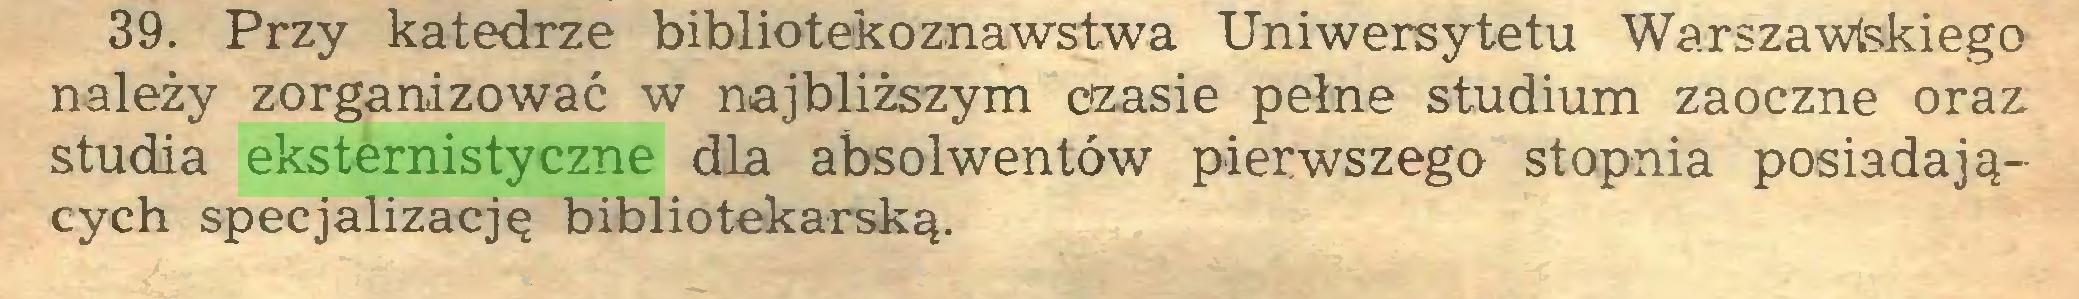 (...) 39. Przy katedrze bibliotekoznawstwa Uniwersytetu Warszawskiego należy zorganizować w najbliższym czasie pełne studium zaoczne oraz studia eksternistyczne dla absolwentów pierwszego stopnia posiadających specjalizację bibliotekarską...